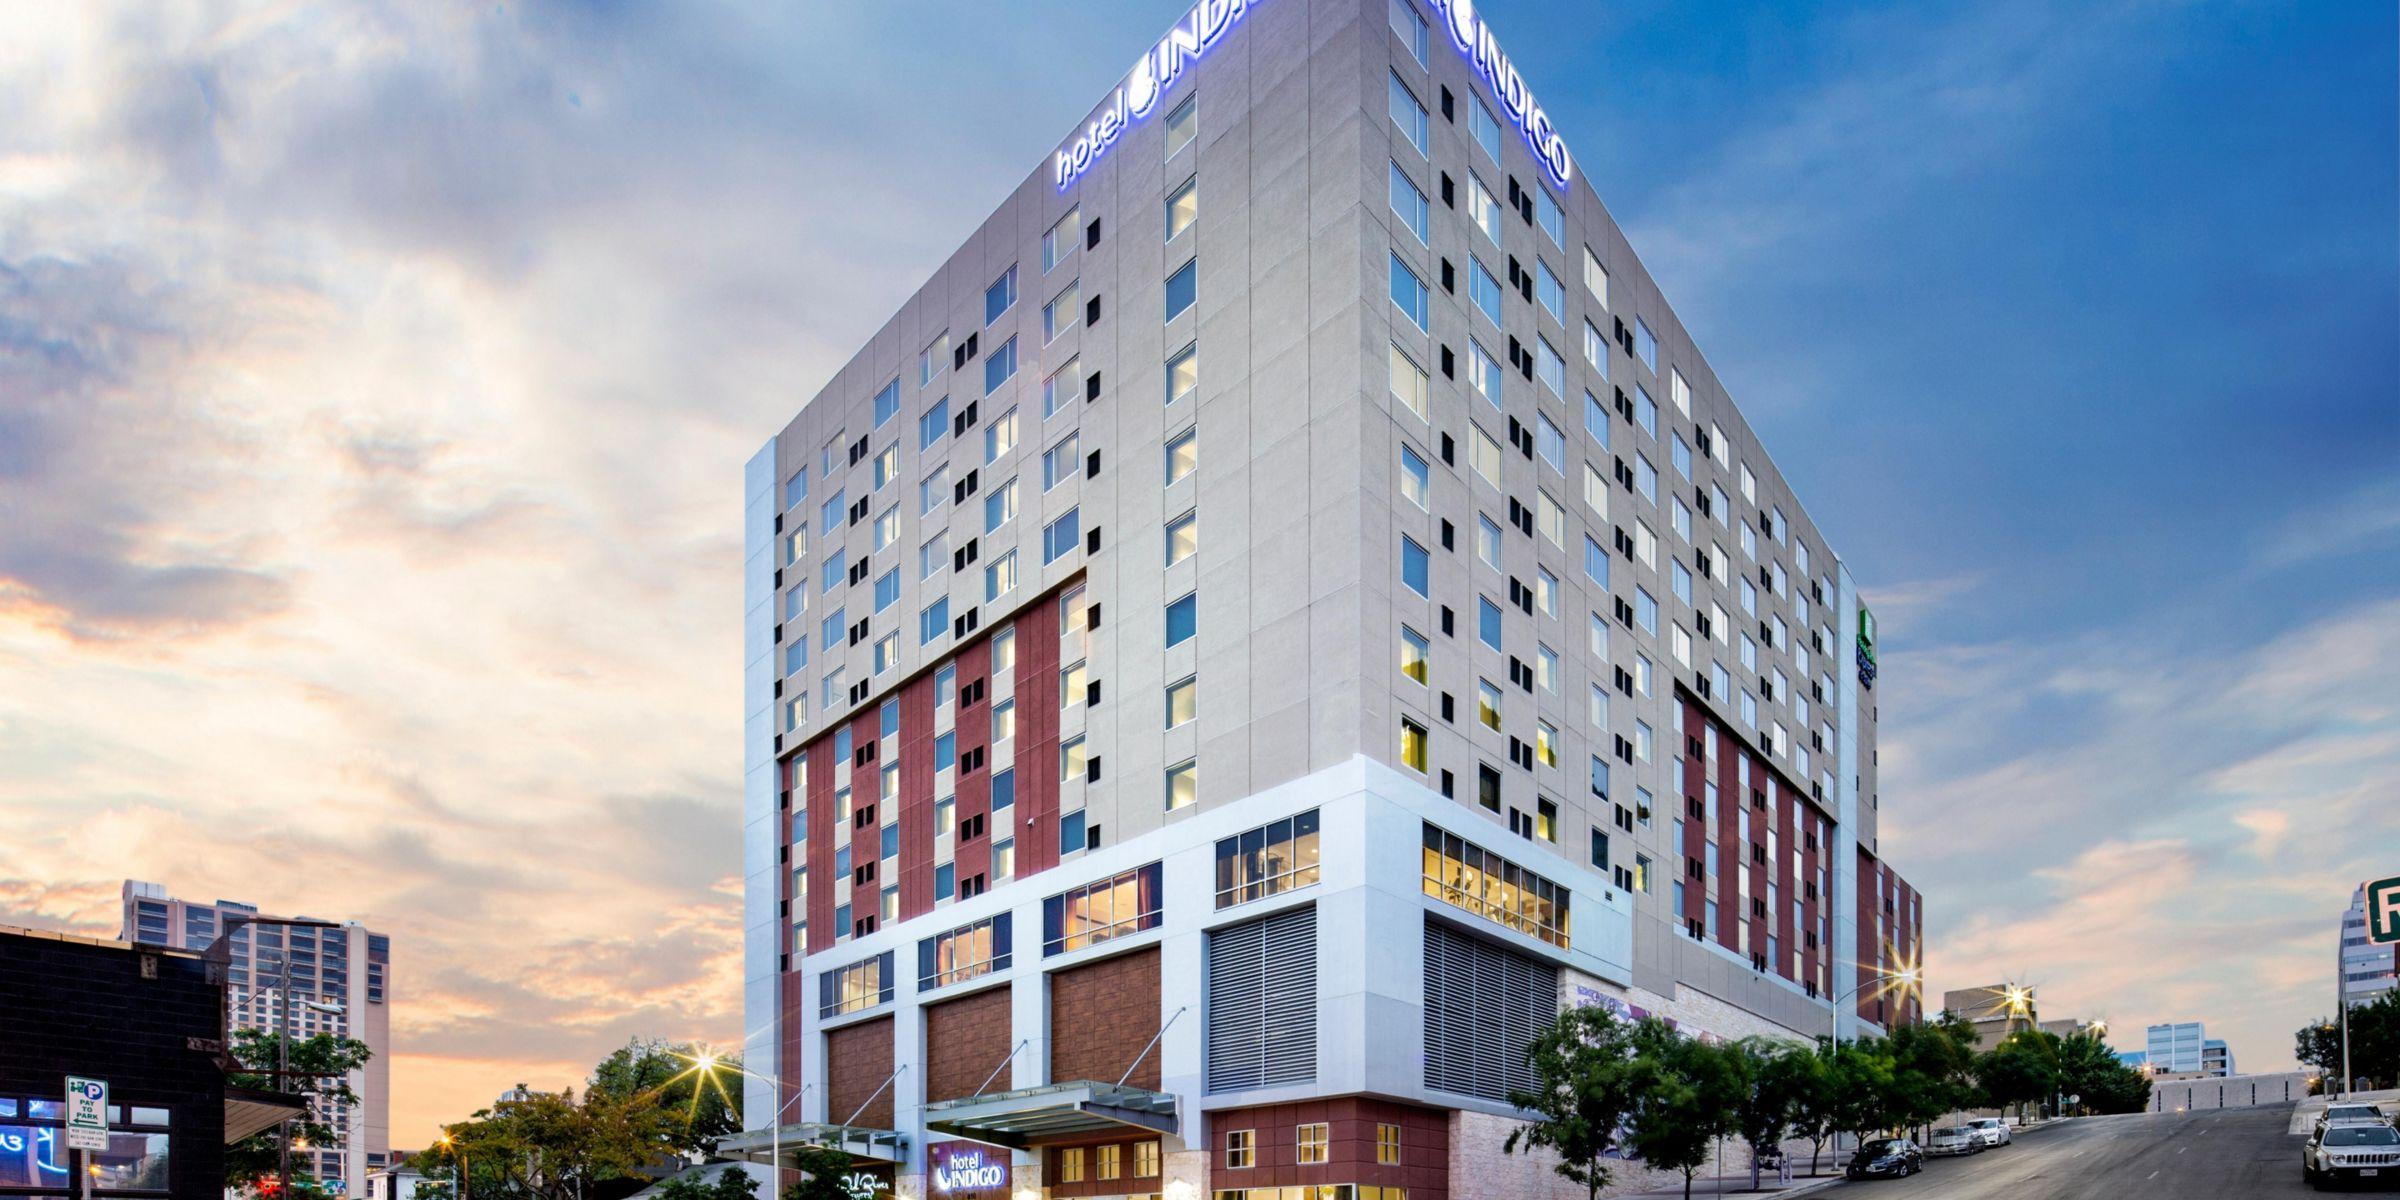 Hotel Indigo Austin Downtown - University - austin, Texas